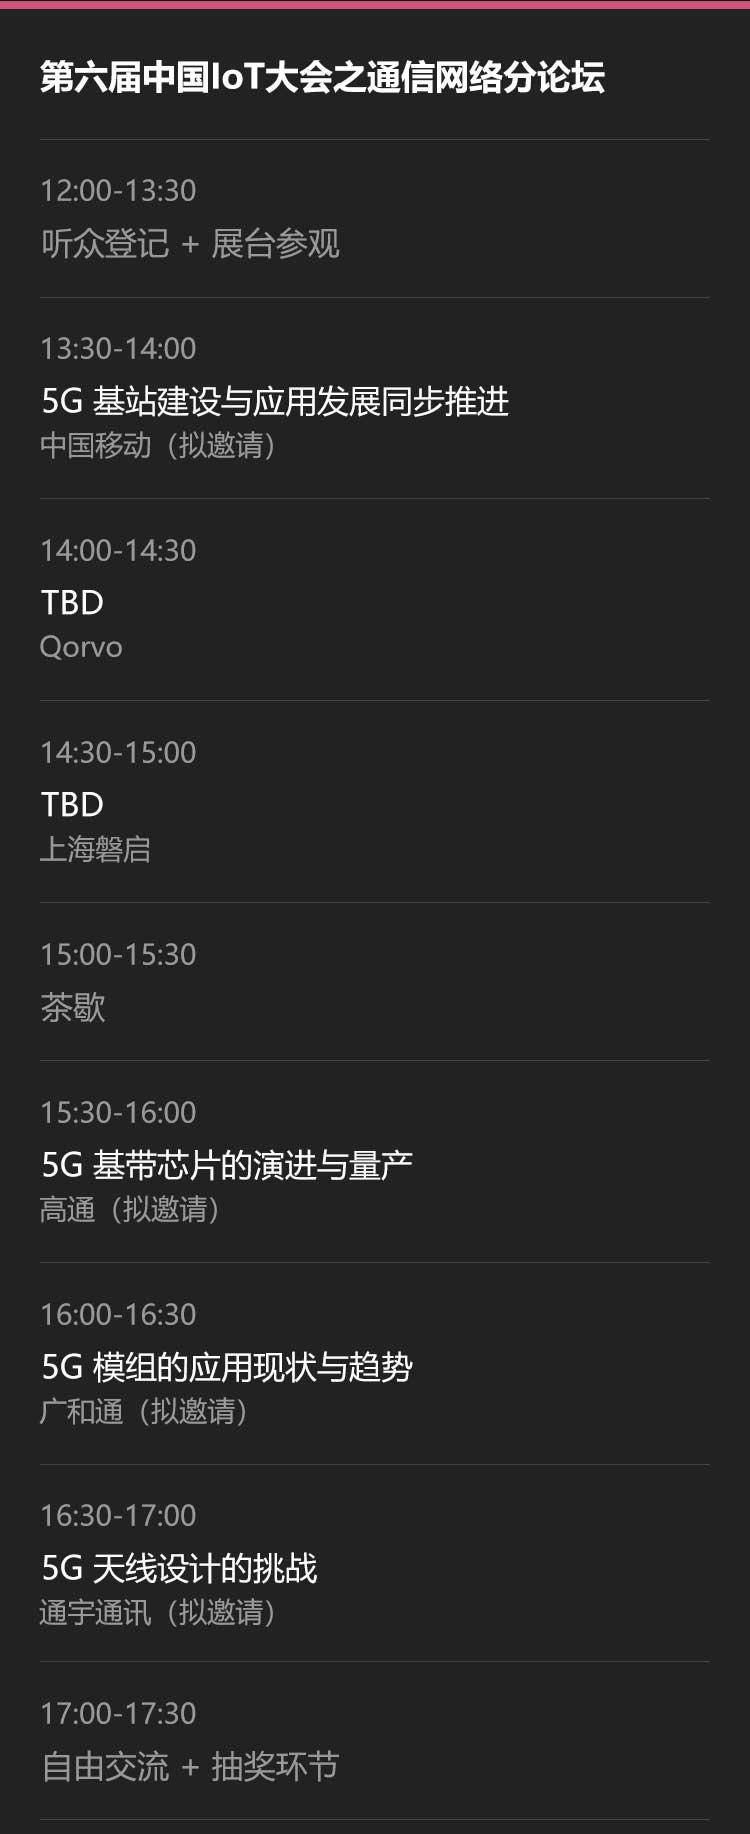 2019第六届中国IoT大会(深圳)